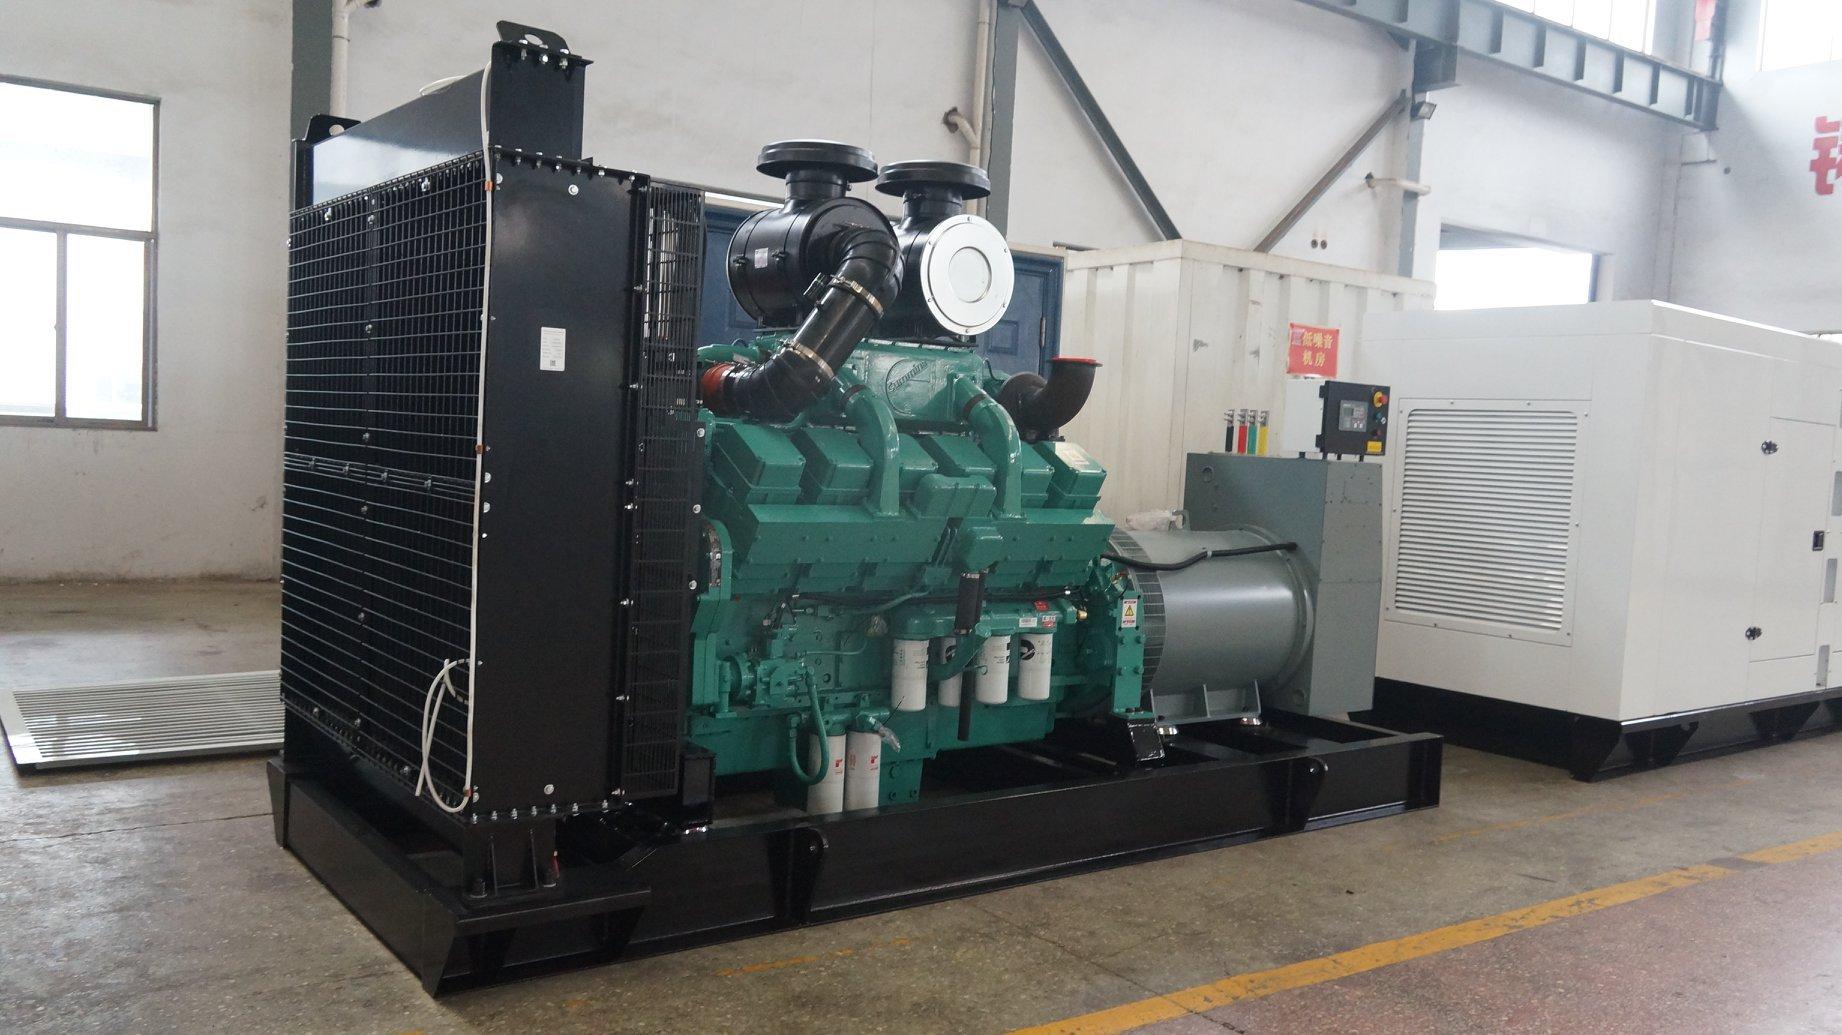 发电机组厂家:250kw康明斯自动化发电机组特点是啥